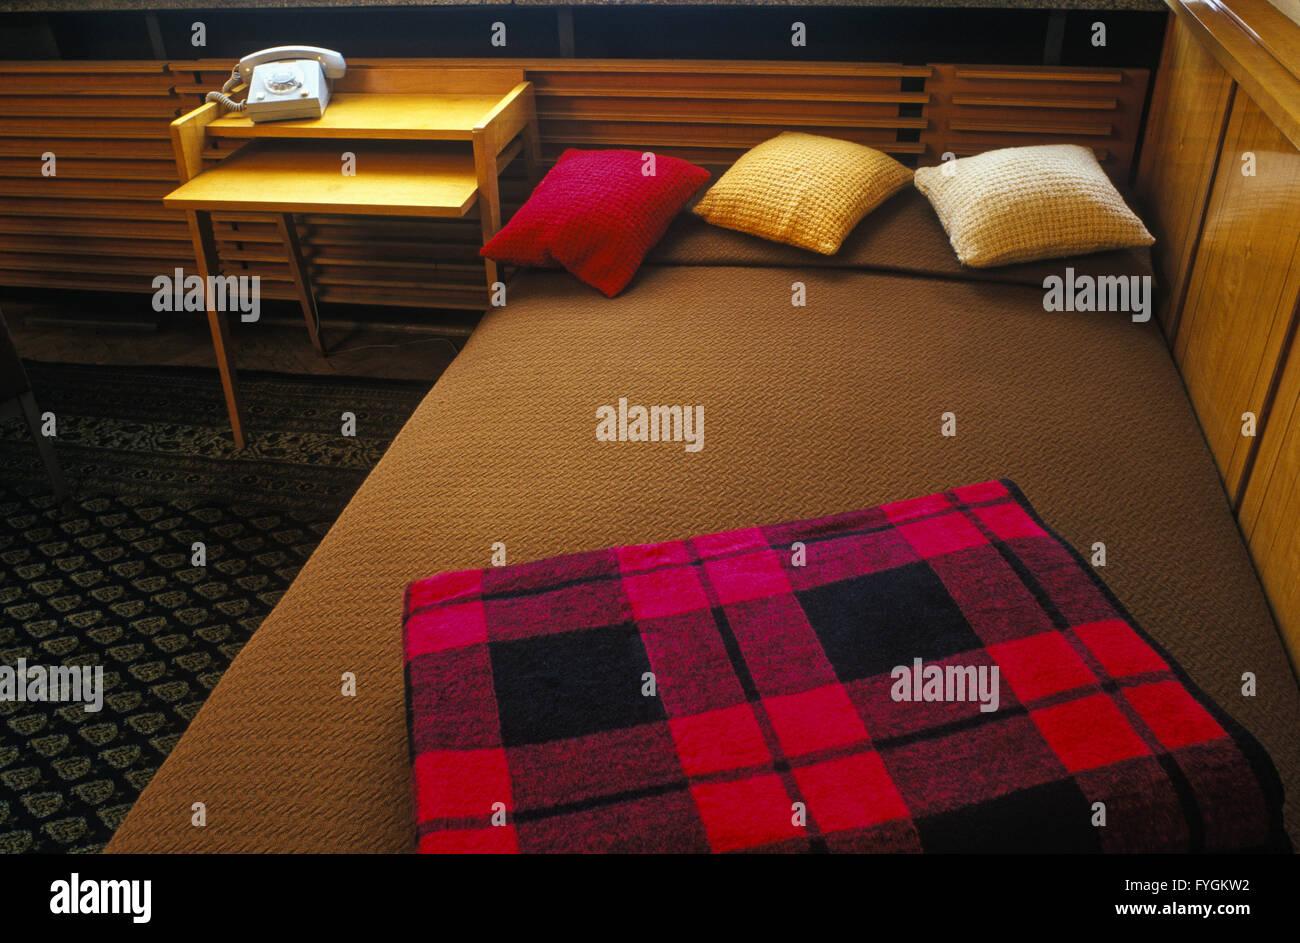 ddr geschichte stockfotos ddr geschichte bilder alamy. Black Bedroom Furniture Sets. Home Design Ideas